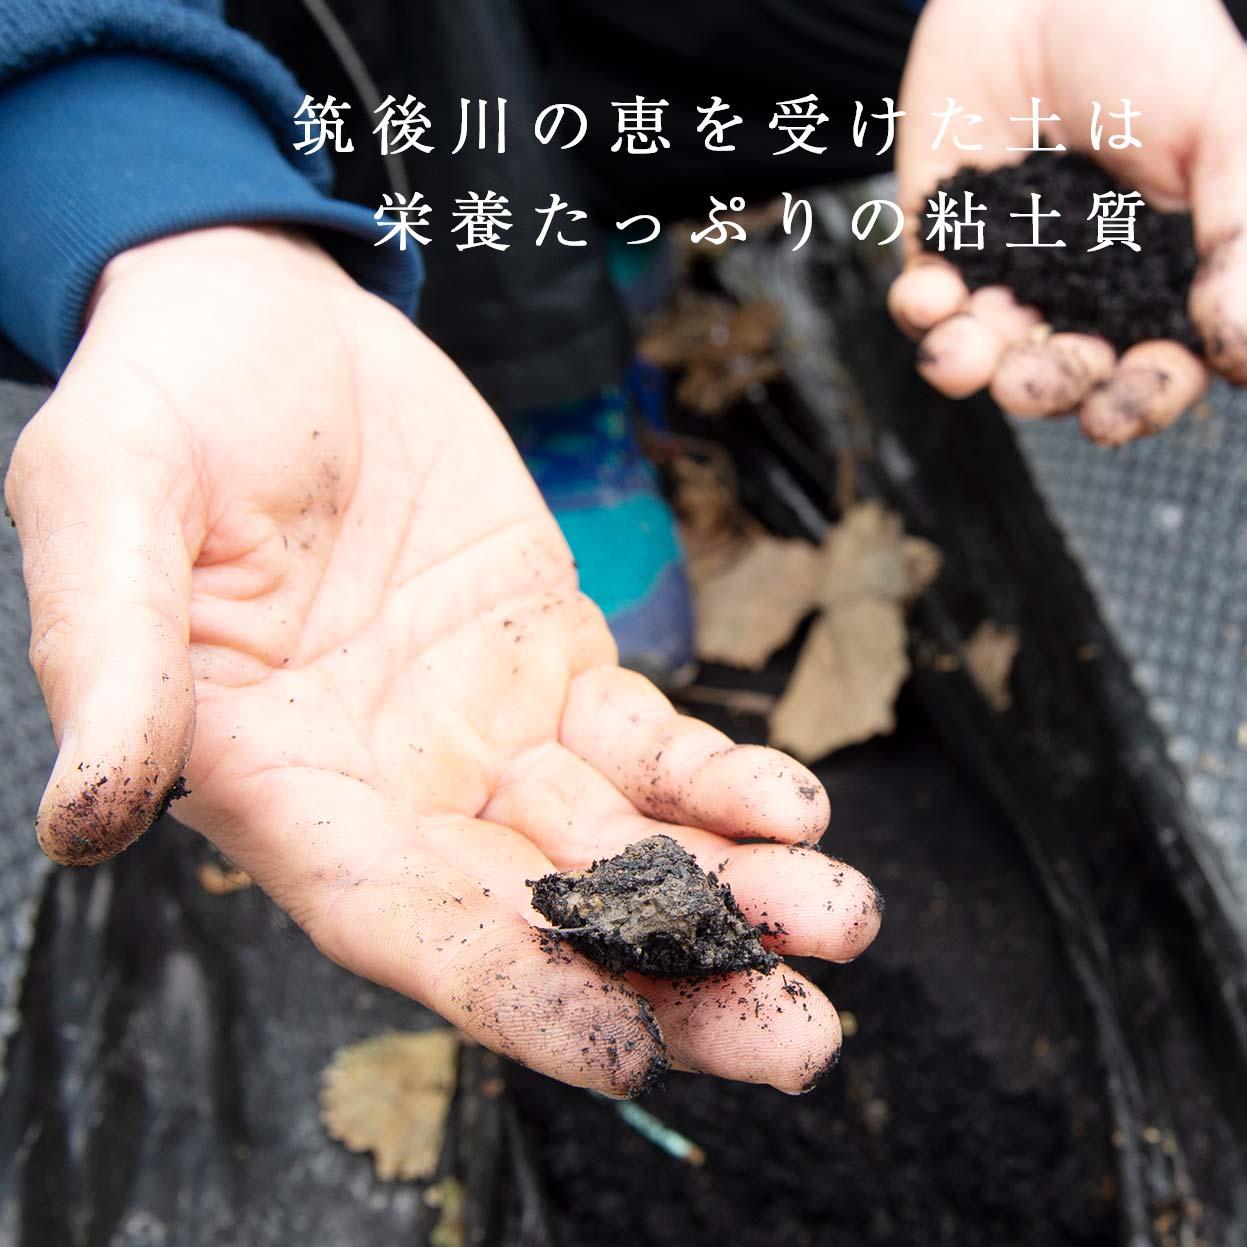 Đơn hàng trồng và thu hoạch đâu tây tại Kumamoto, Nhật Bản